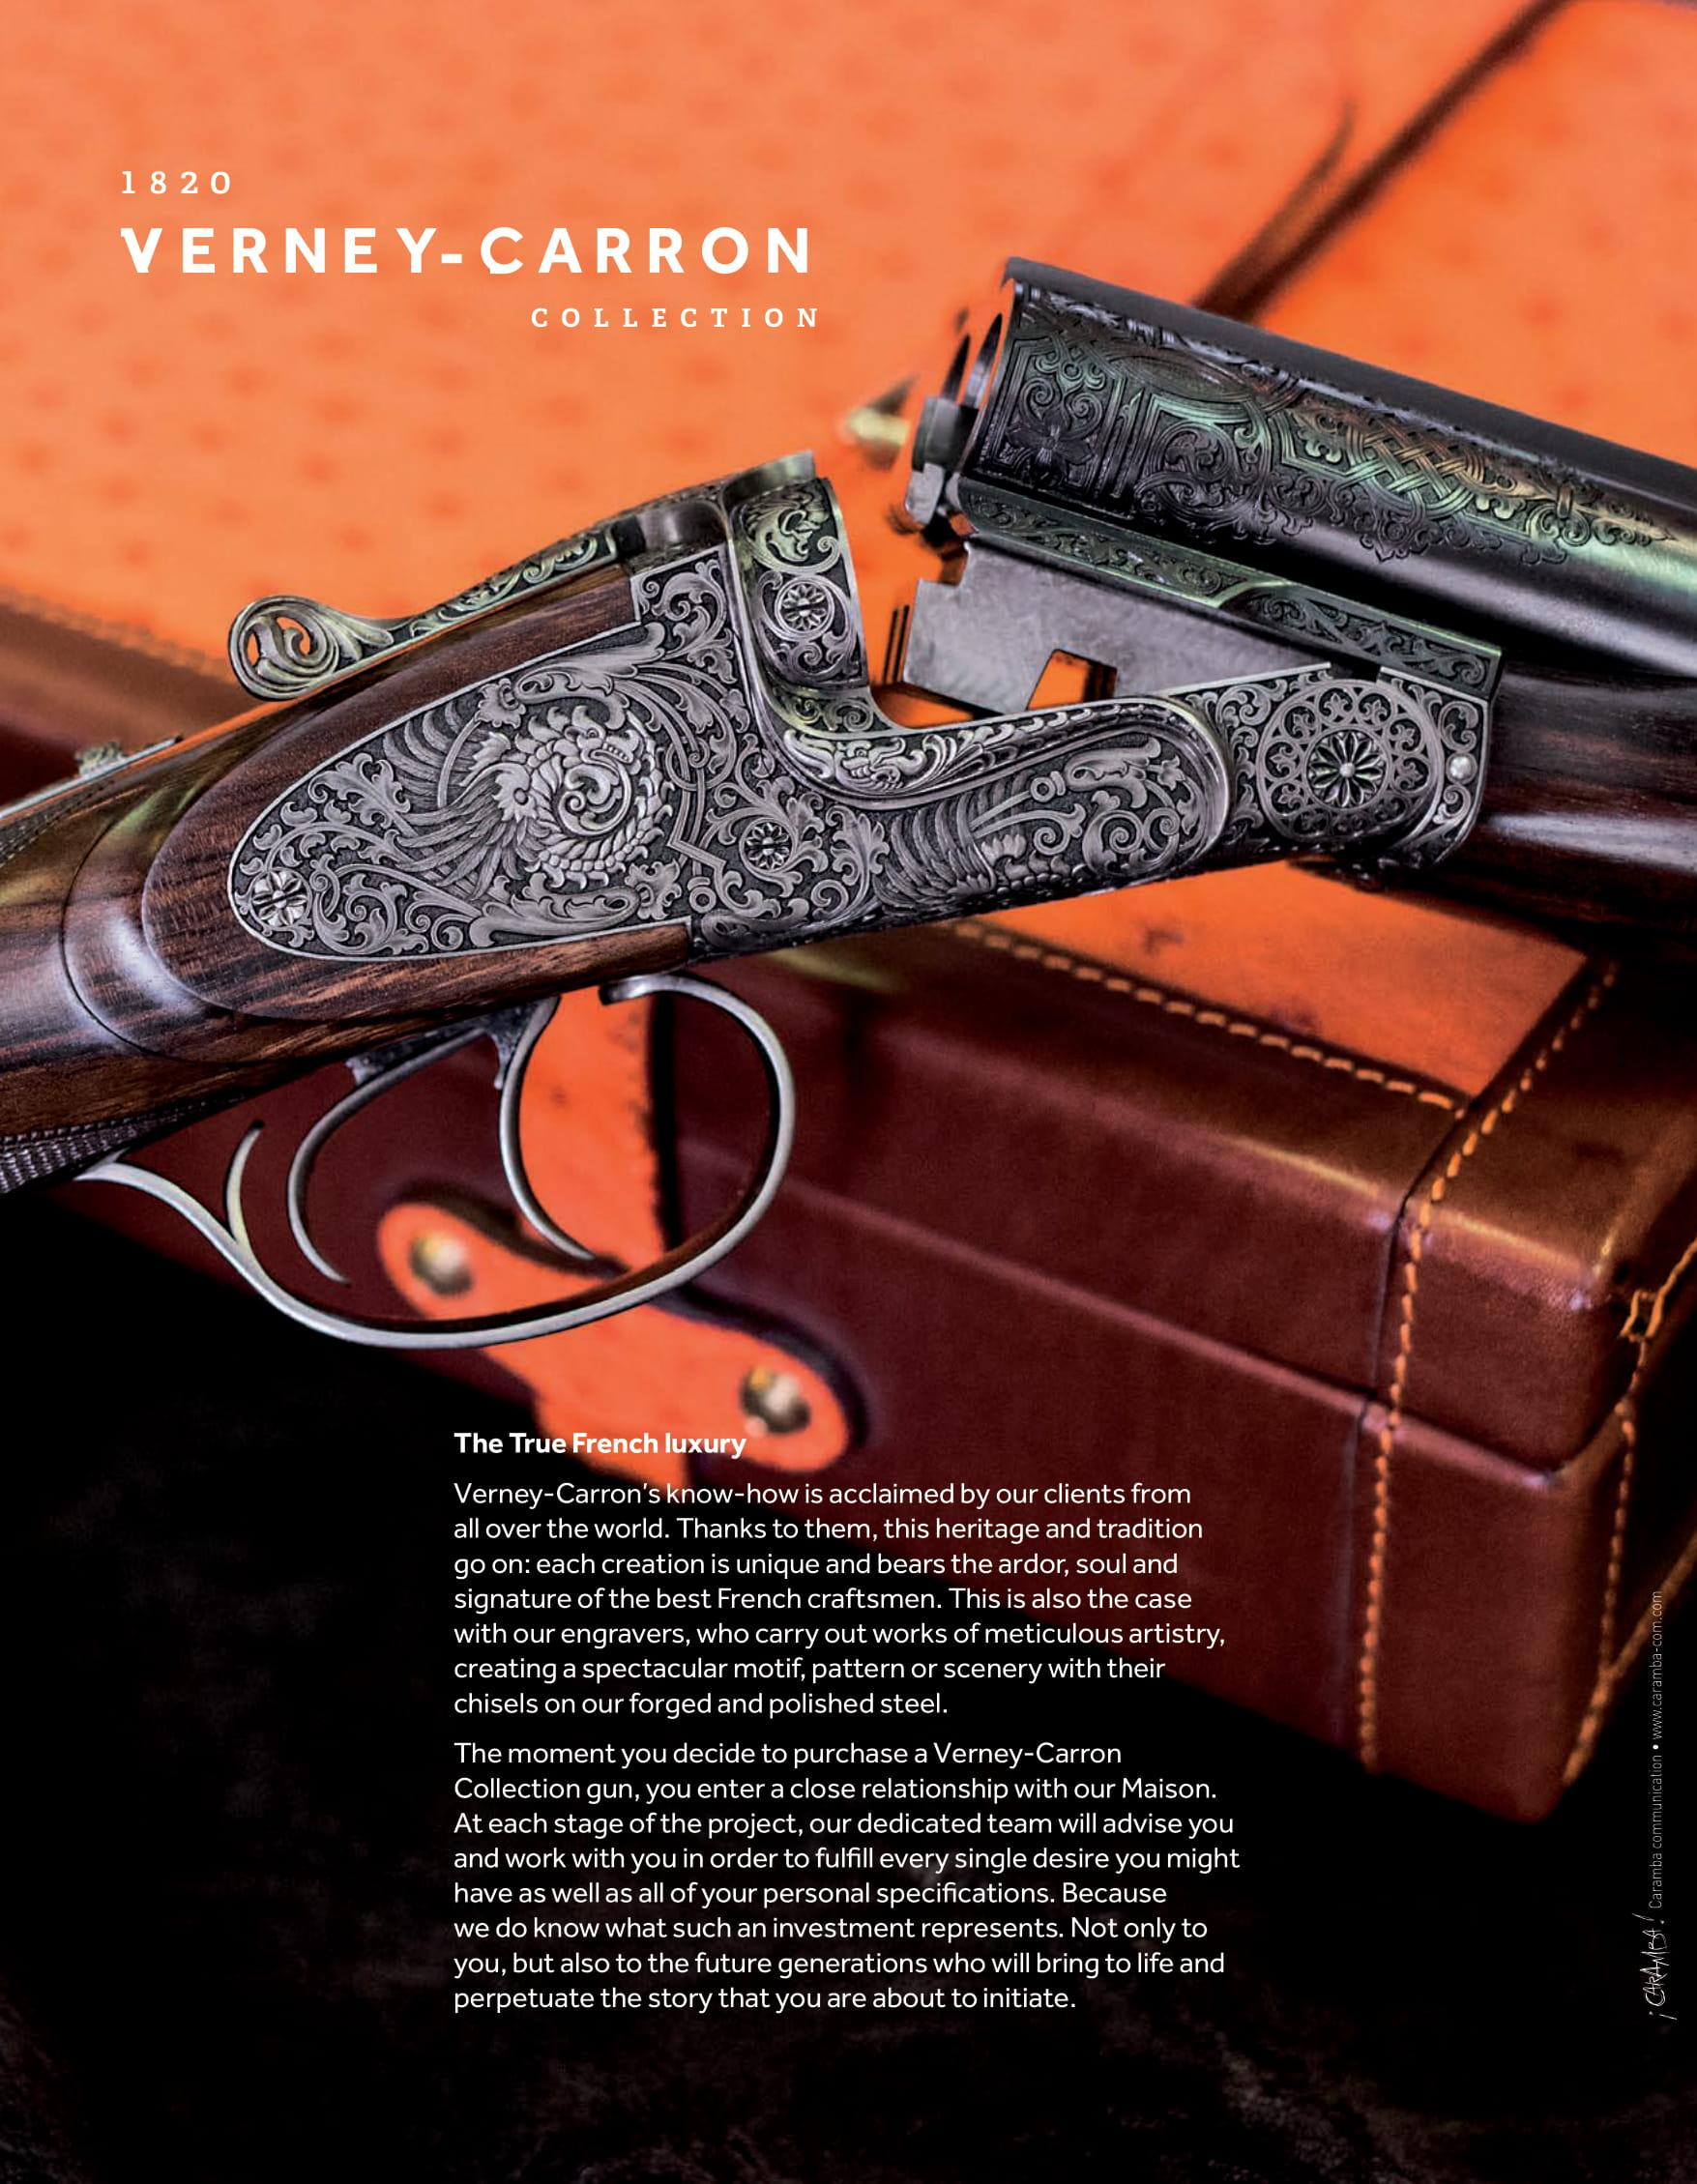 catalogue-2020-verney-carron-32.jpg